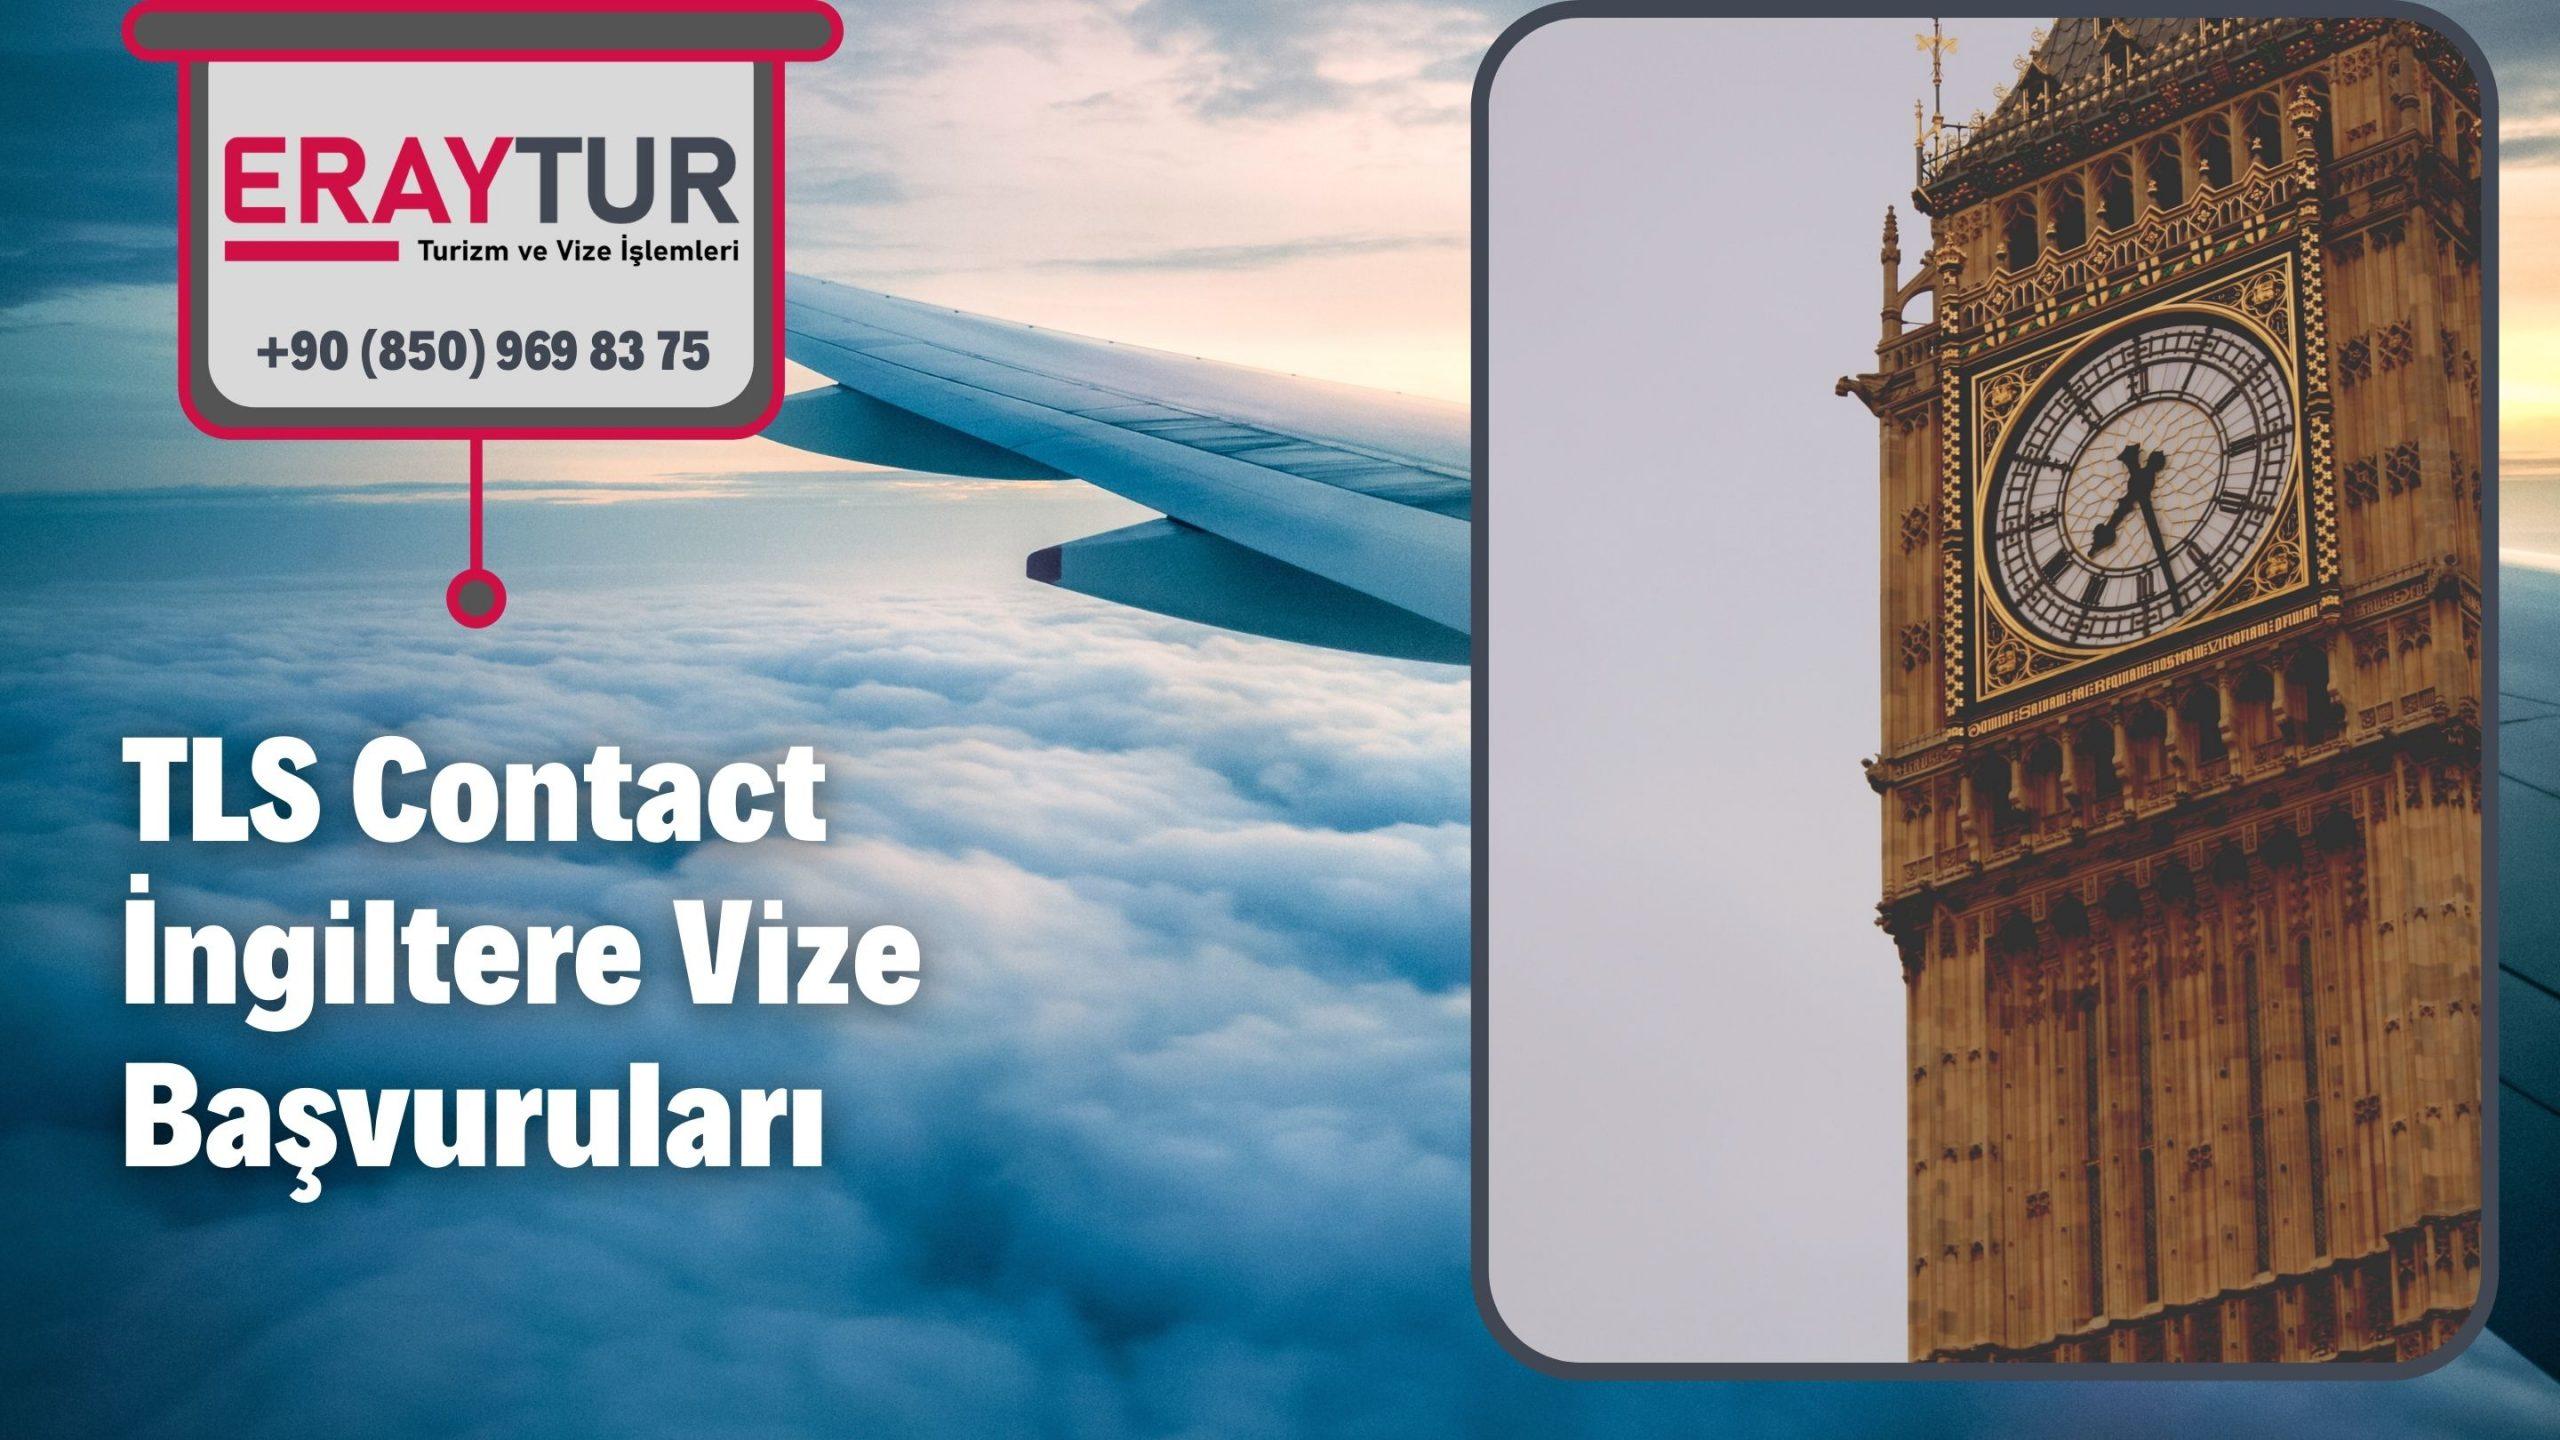 TLS Contact İngiltere Vize Başvuruları